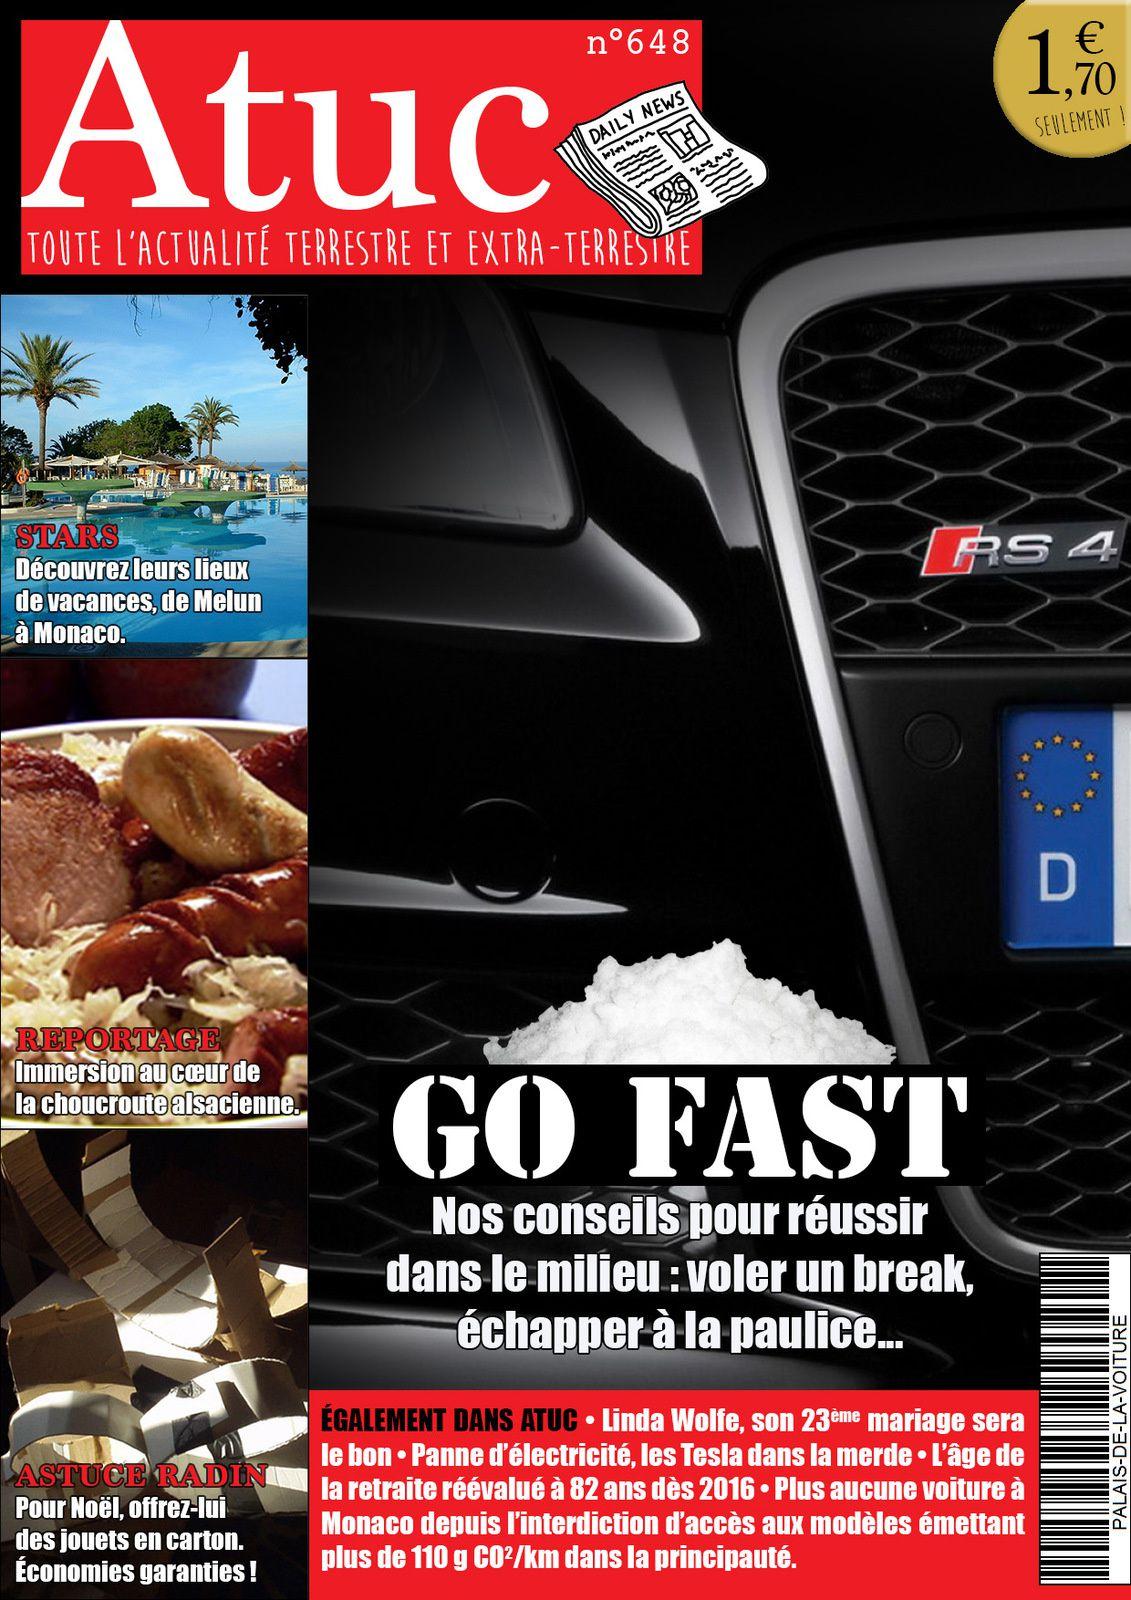 Atuc n°648 • Devenir un bon Go Fast en quelques leçons.